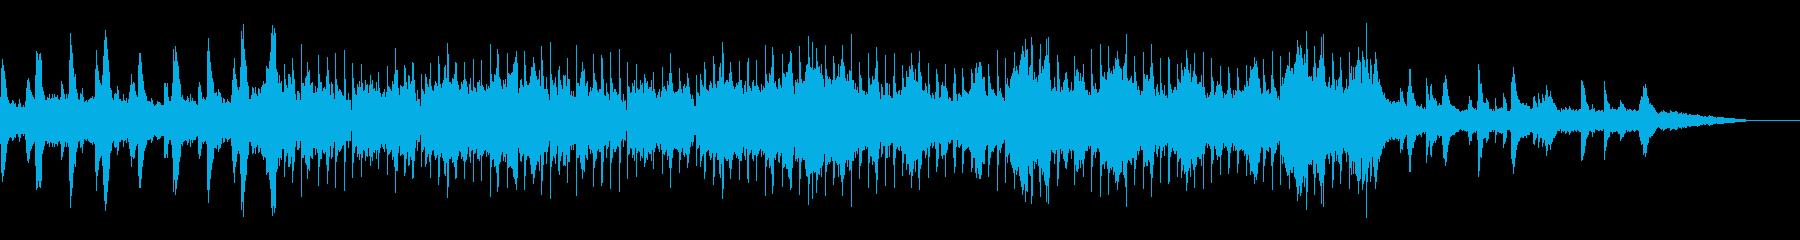 爽やかで前向きなストリングスポップの再生済みの波形